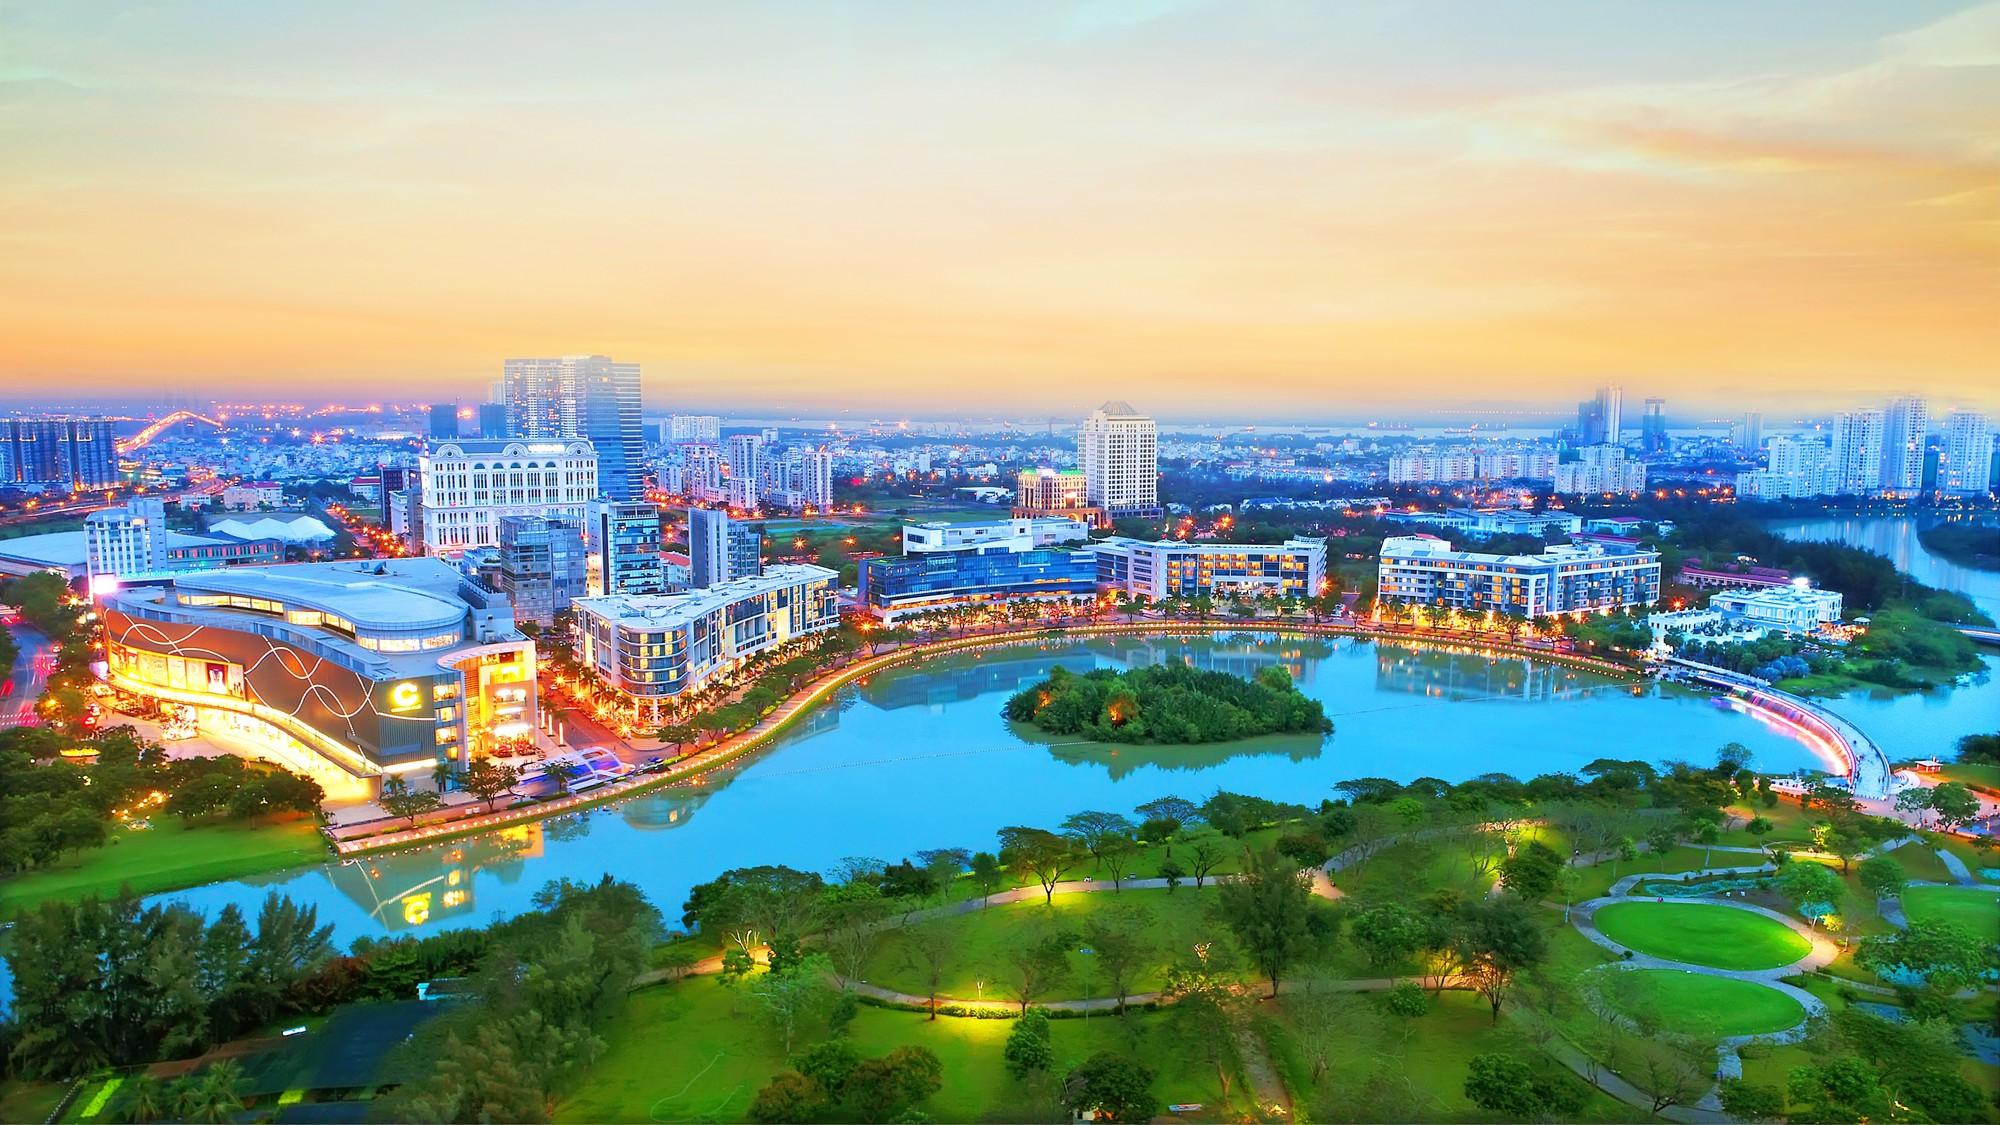 Khu đô thị mang tính biểu tượng của VN – Phú Mỹ Hưng